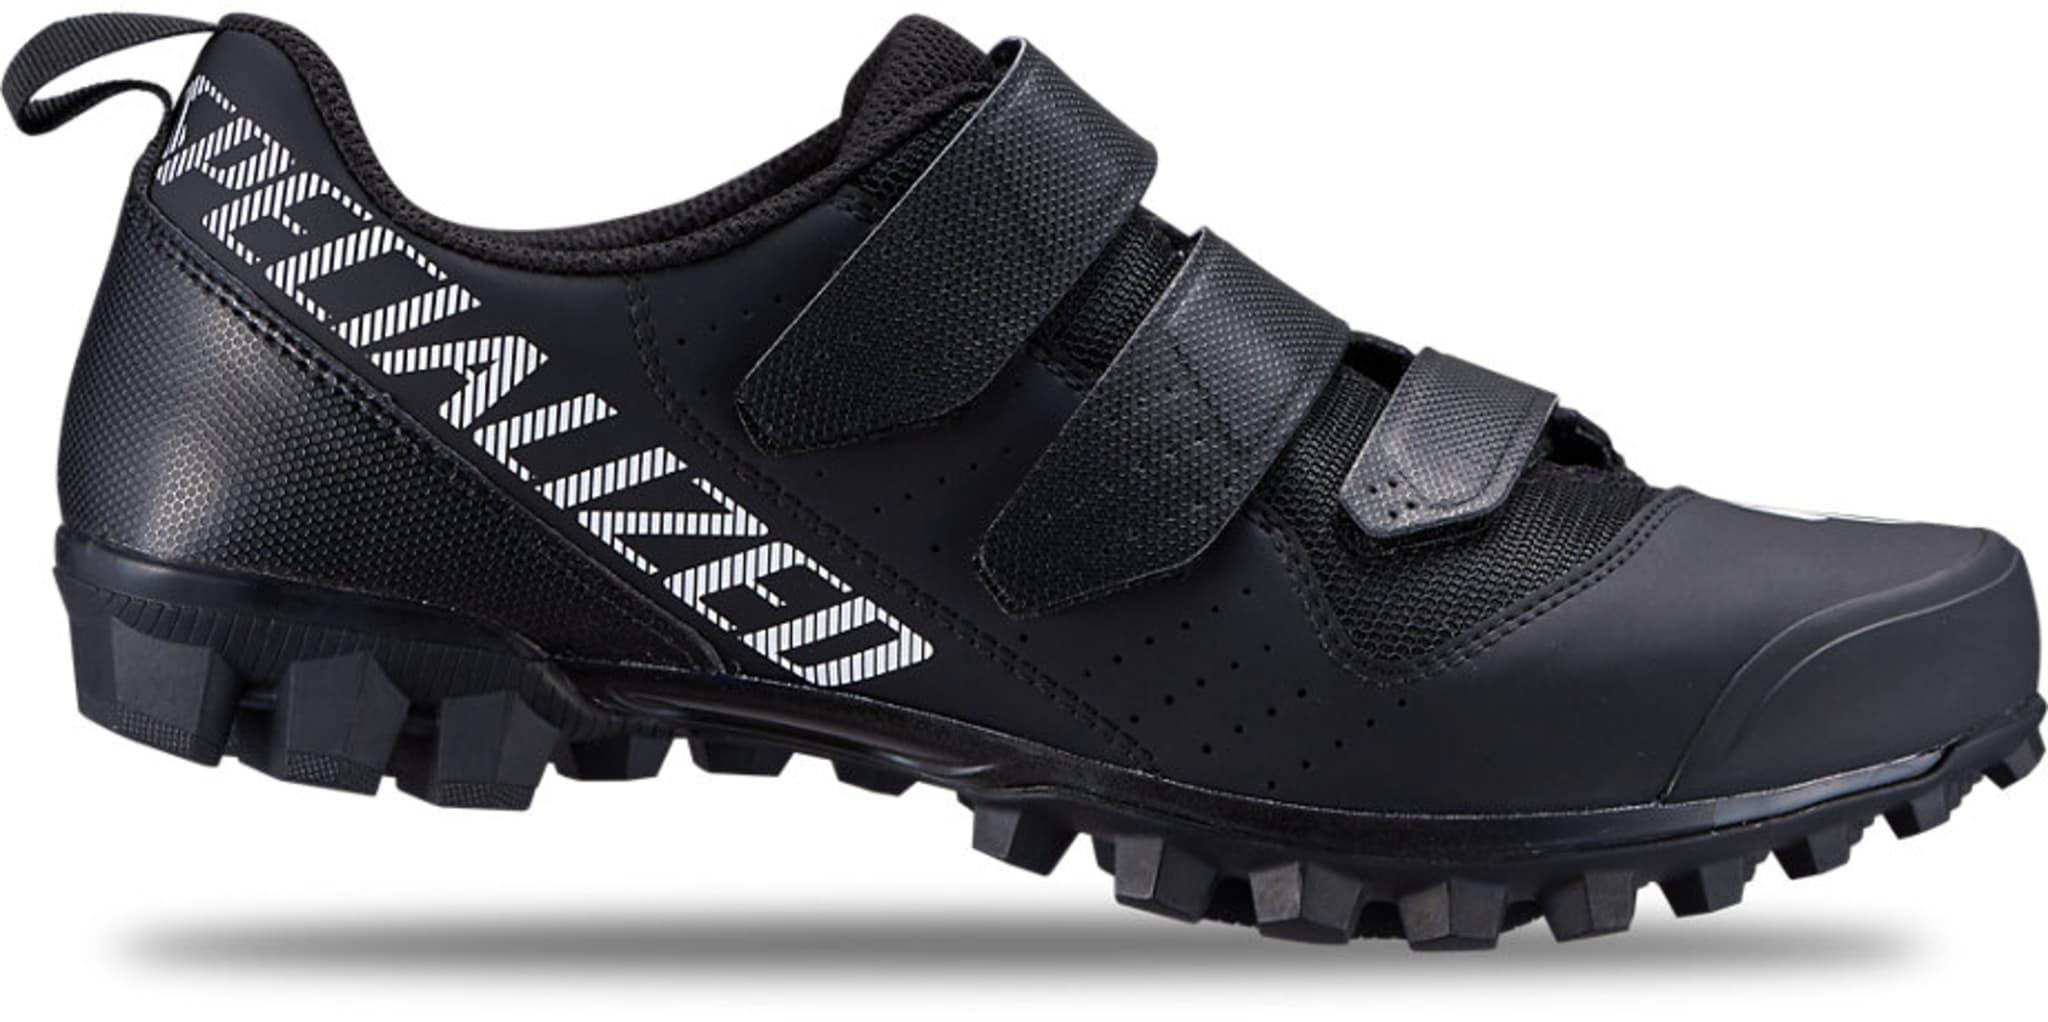 Recon 1.0 Terrengsykkel sko